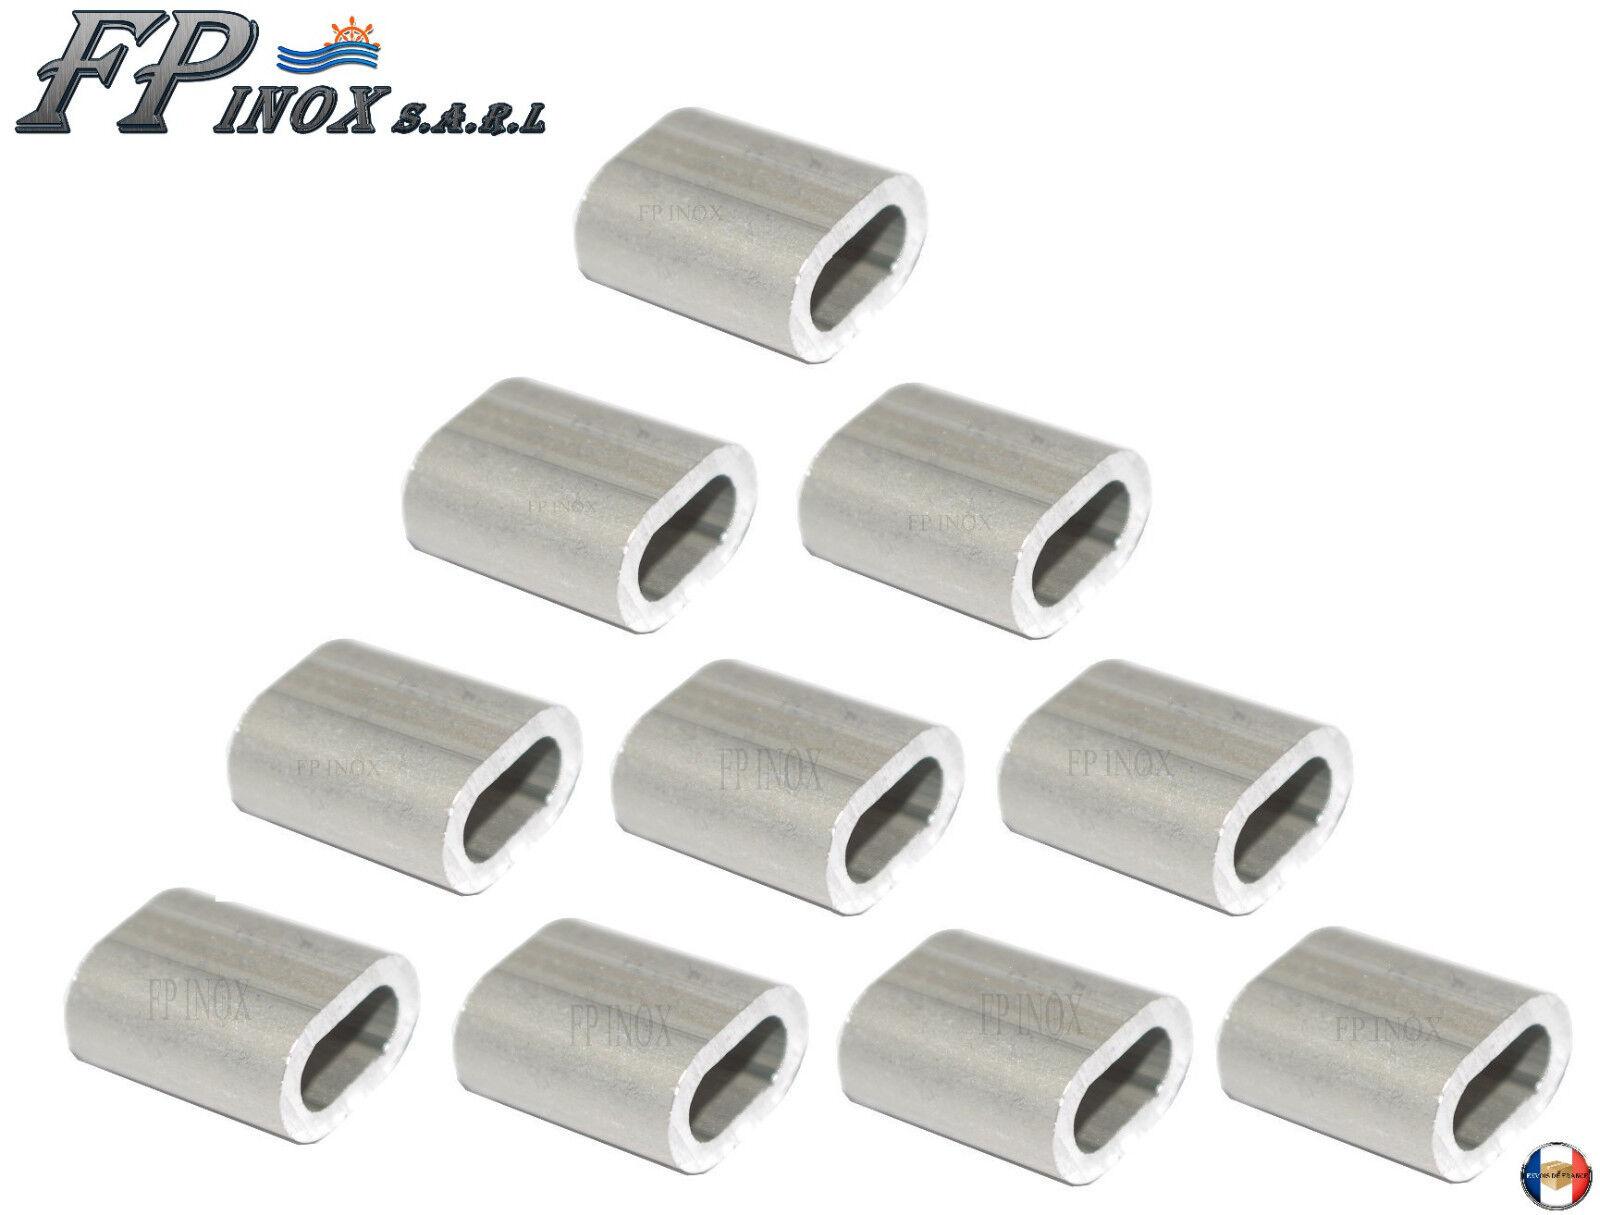 Manchon aluminium anodisé Pour Cable 5mm ( Lot de 10 )